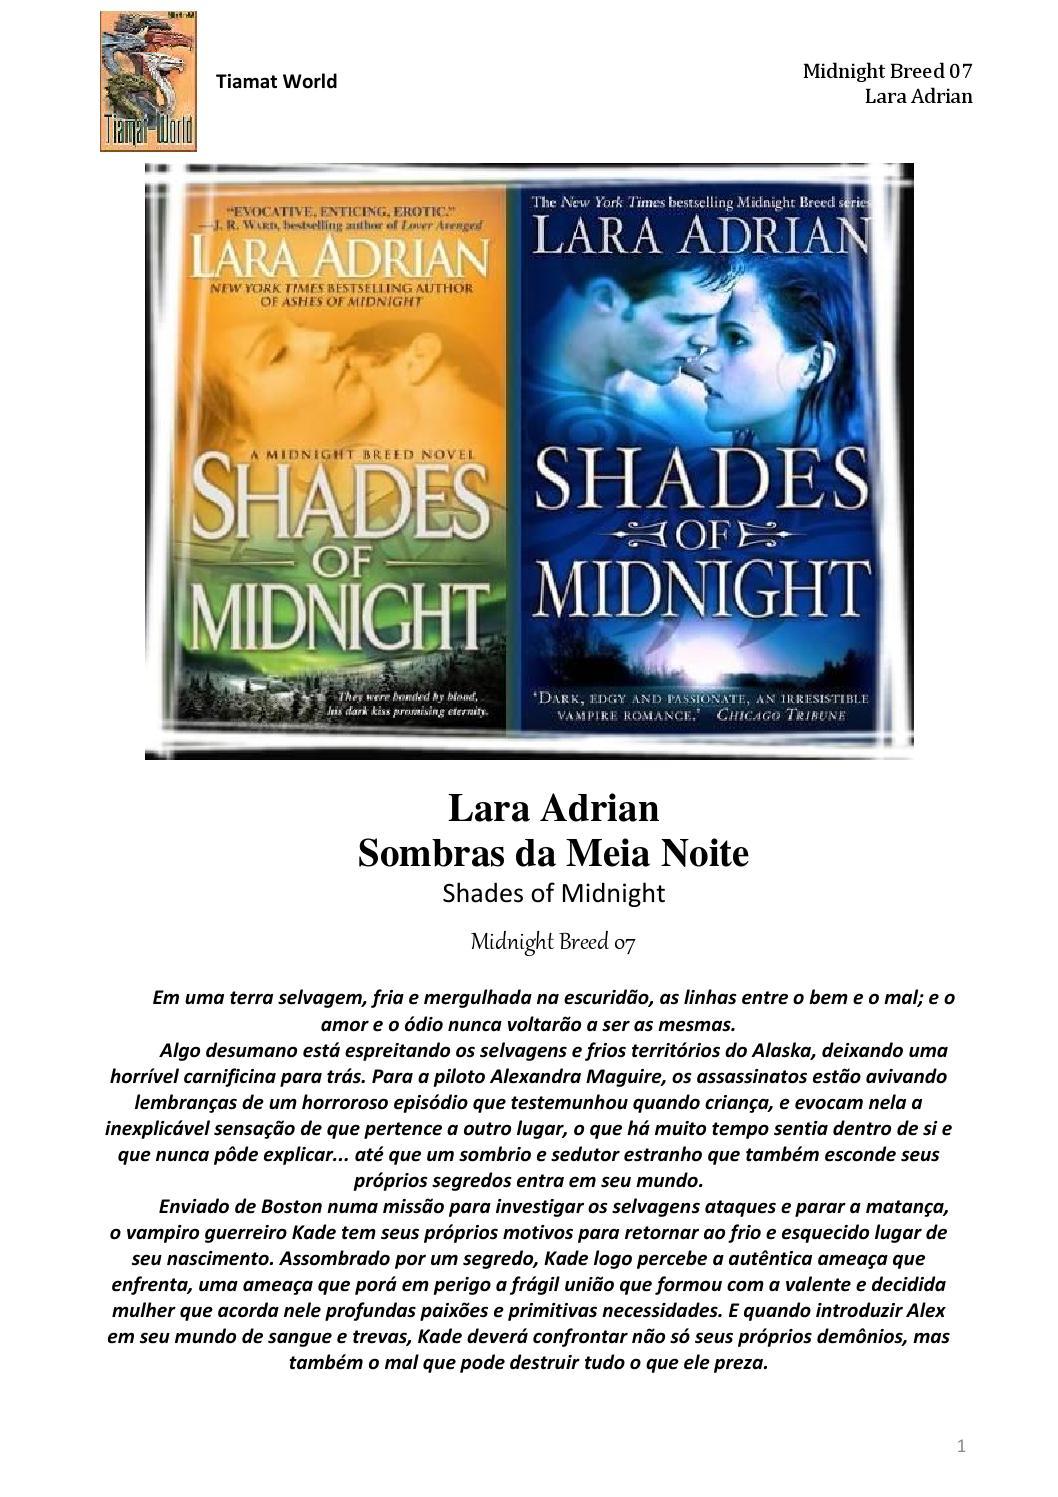 Raça da Meia-Noite 07 - Sombras da Meia Noite by Camila Fernandes - issuu 841a603f71045